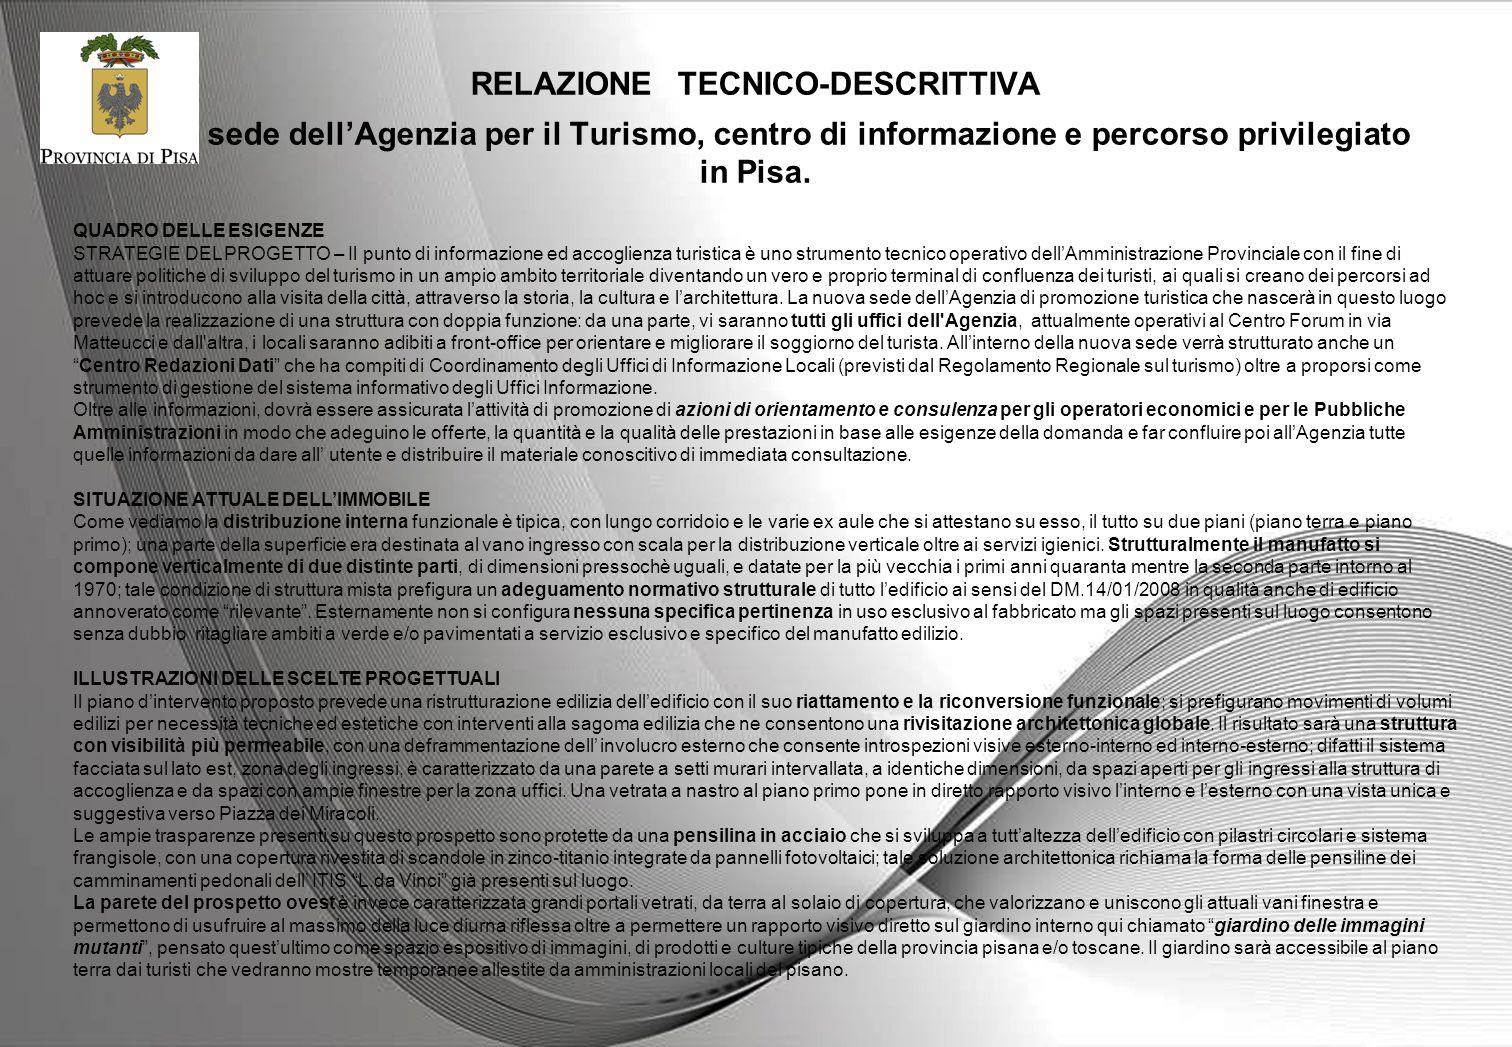 RELAZIONE TECNICO-DESCRITTIVA Nuova sede dellAgenzia per il Turismo, centro di informazione e percorso privilegiato in Pisa. QUADRO DELLE ESIGENZE STR